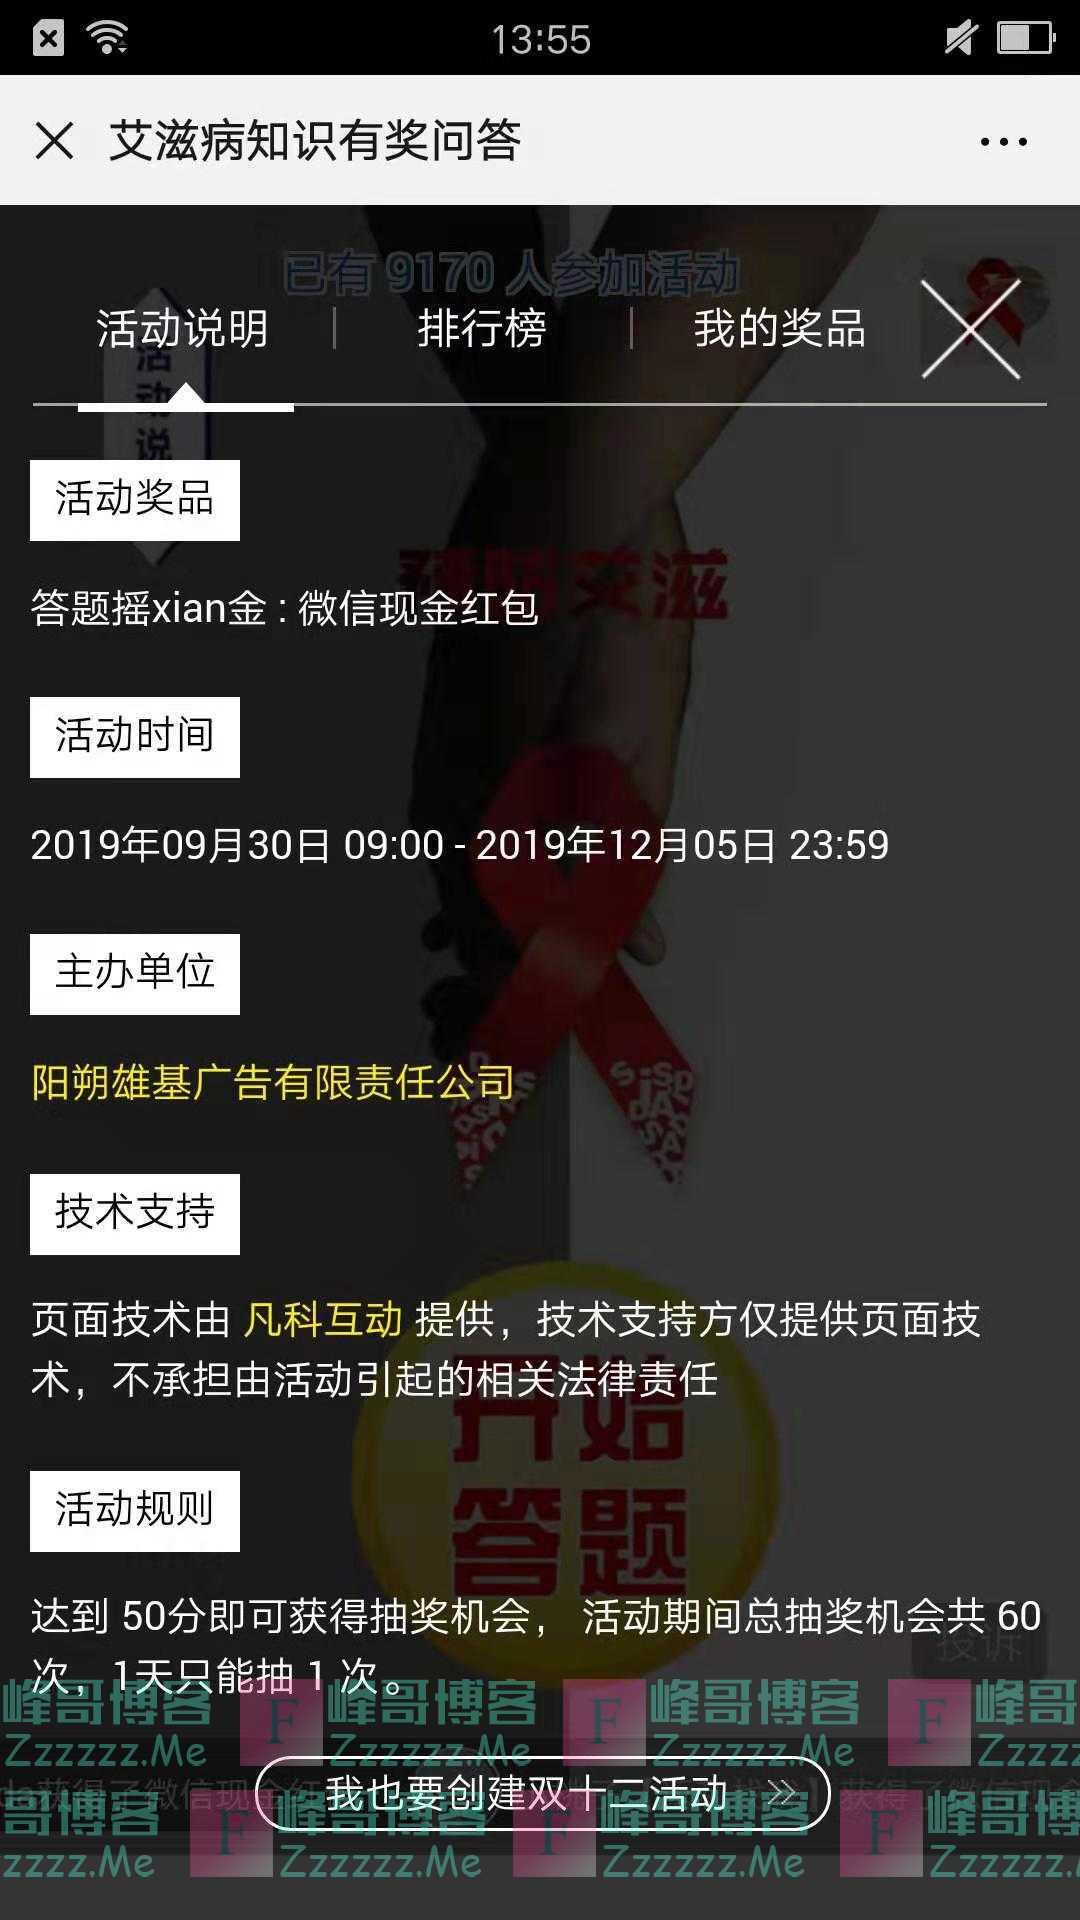 阳朔县疾病预防控制中心艾滋病预防知识有奖问答(截止12月5日)